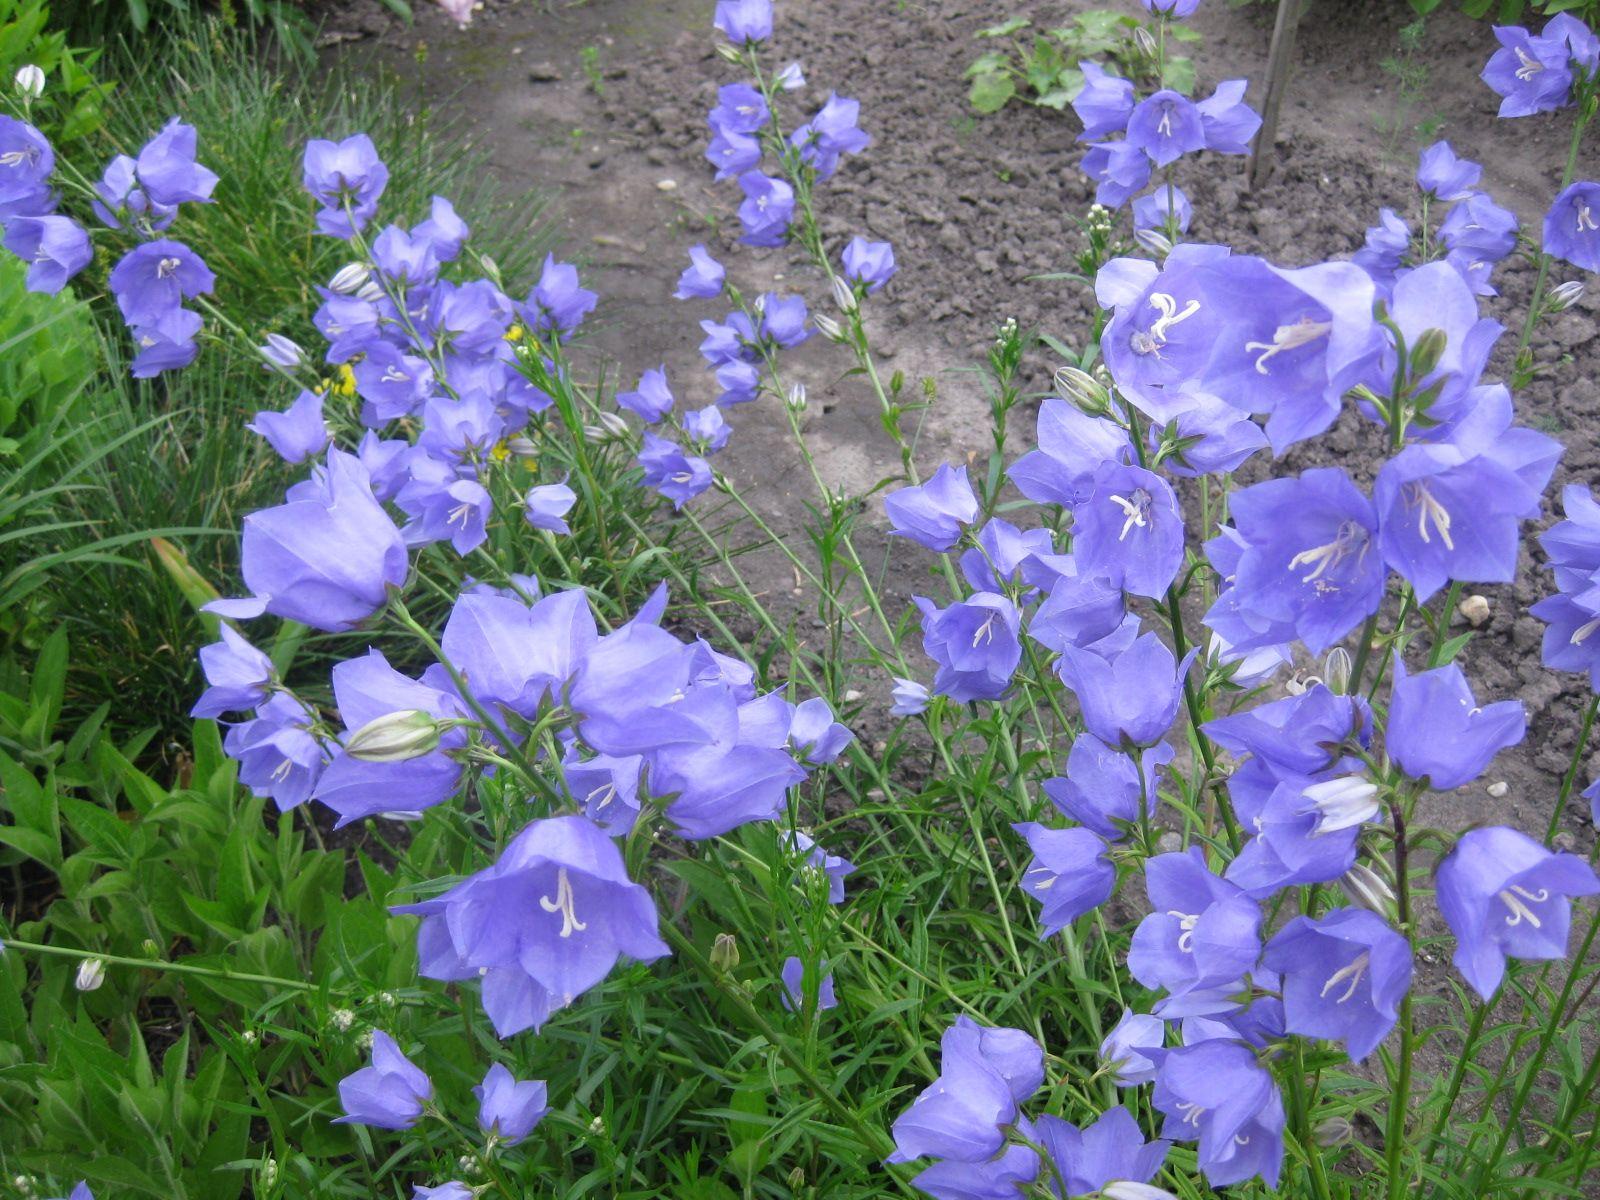 blaue glockenblumen garten blumen pflanzen pinterest. Black Bedroom Furniture Sets. Home Design Ideas